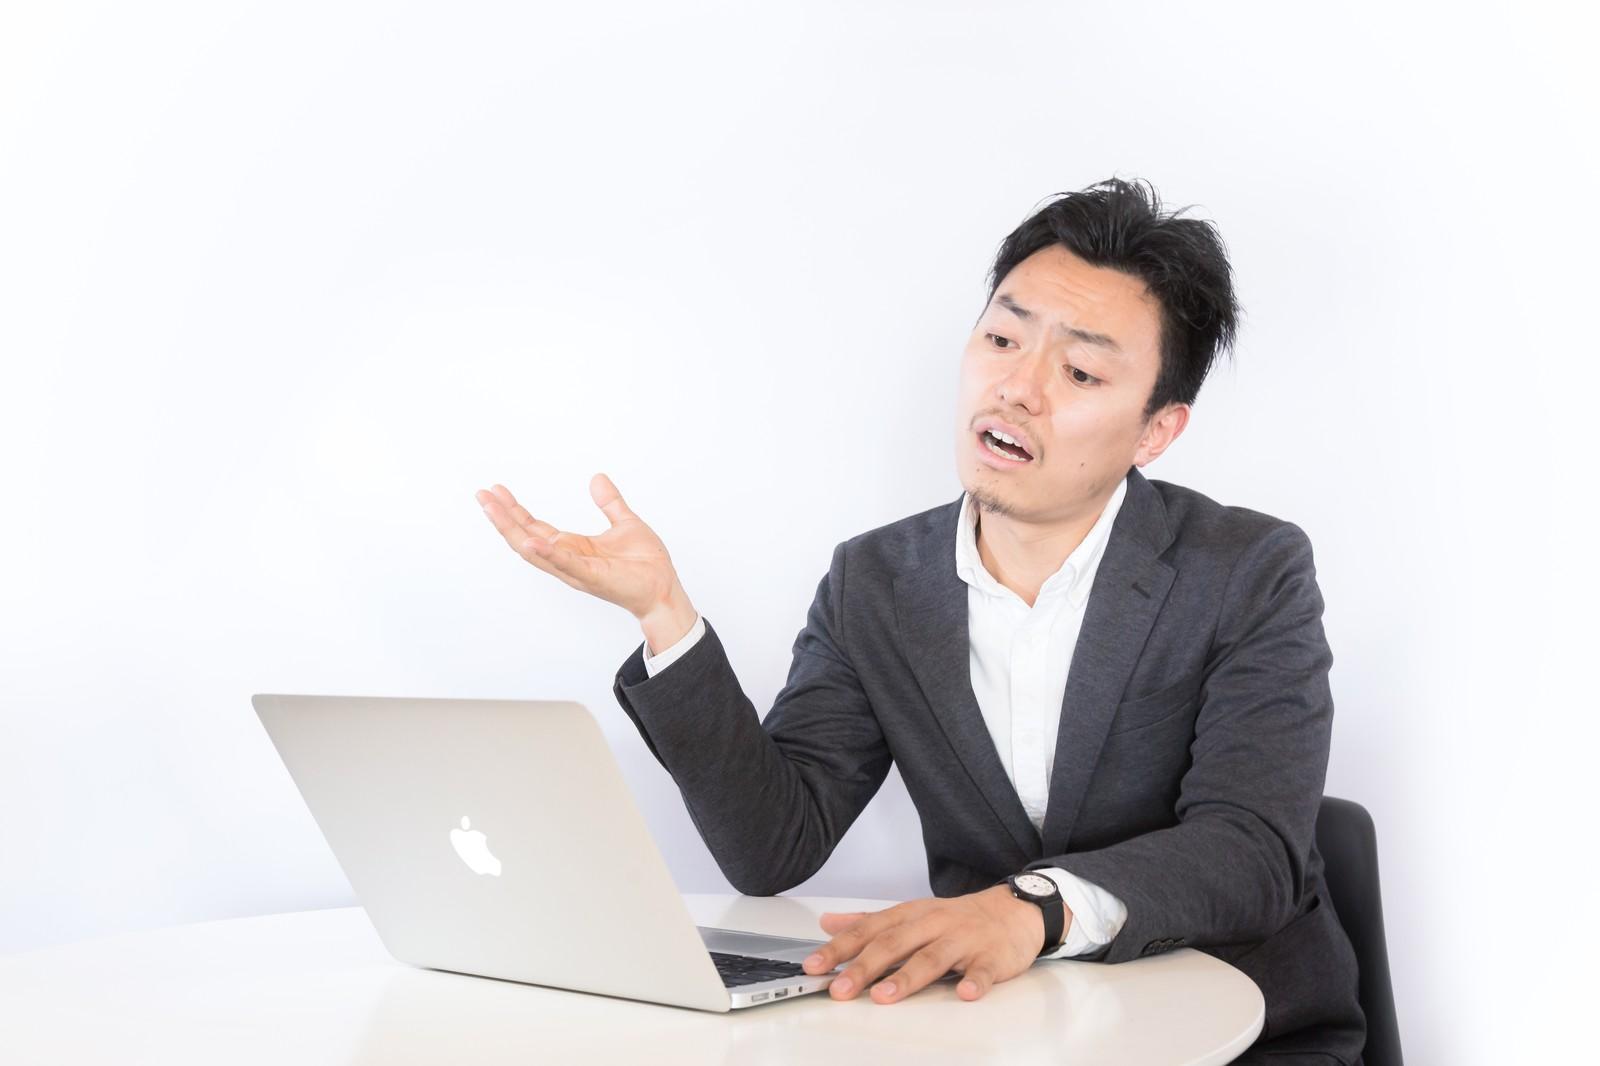 就職・転職の面接で絶対に聞いてはイケない11個の質問